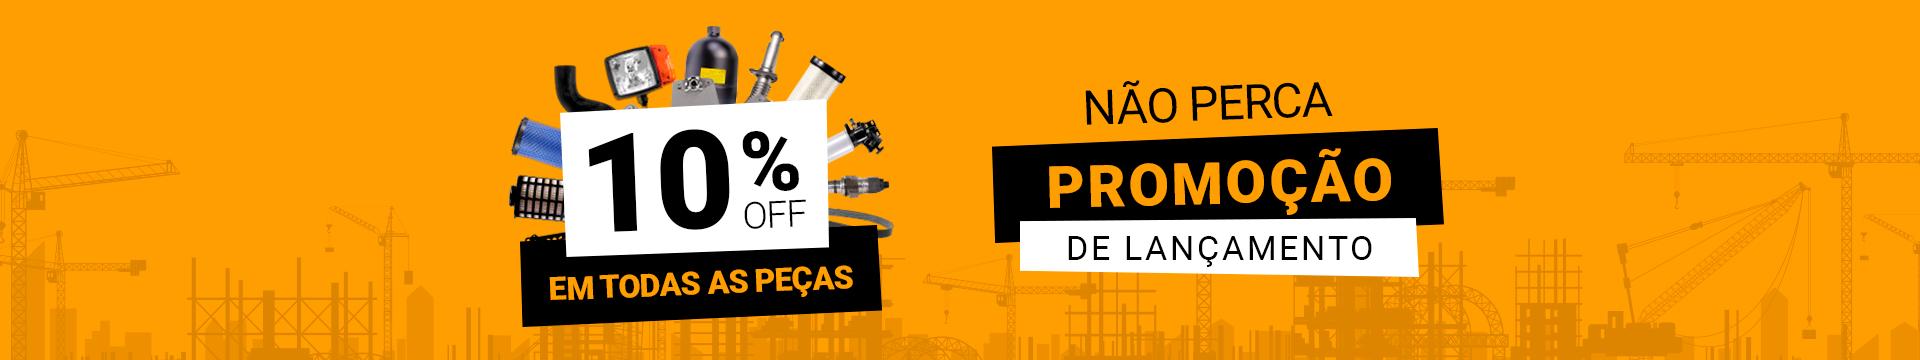 Banner_Promoção_Lançamento